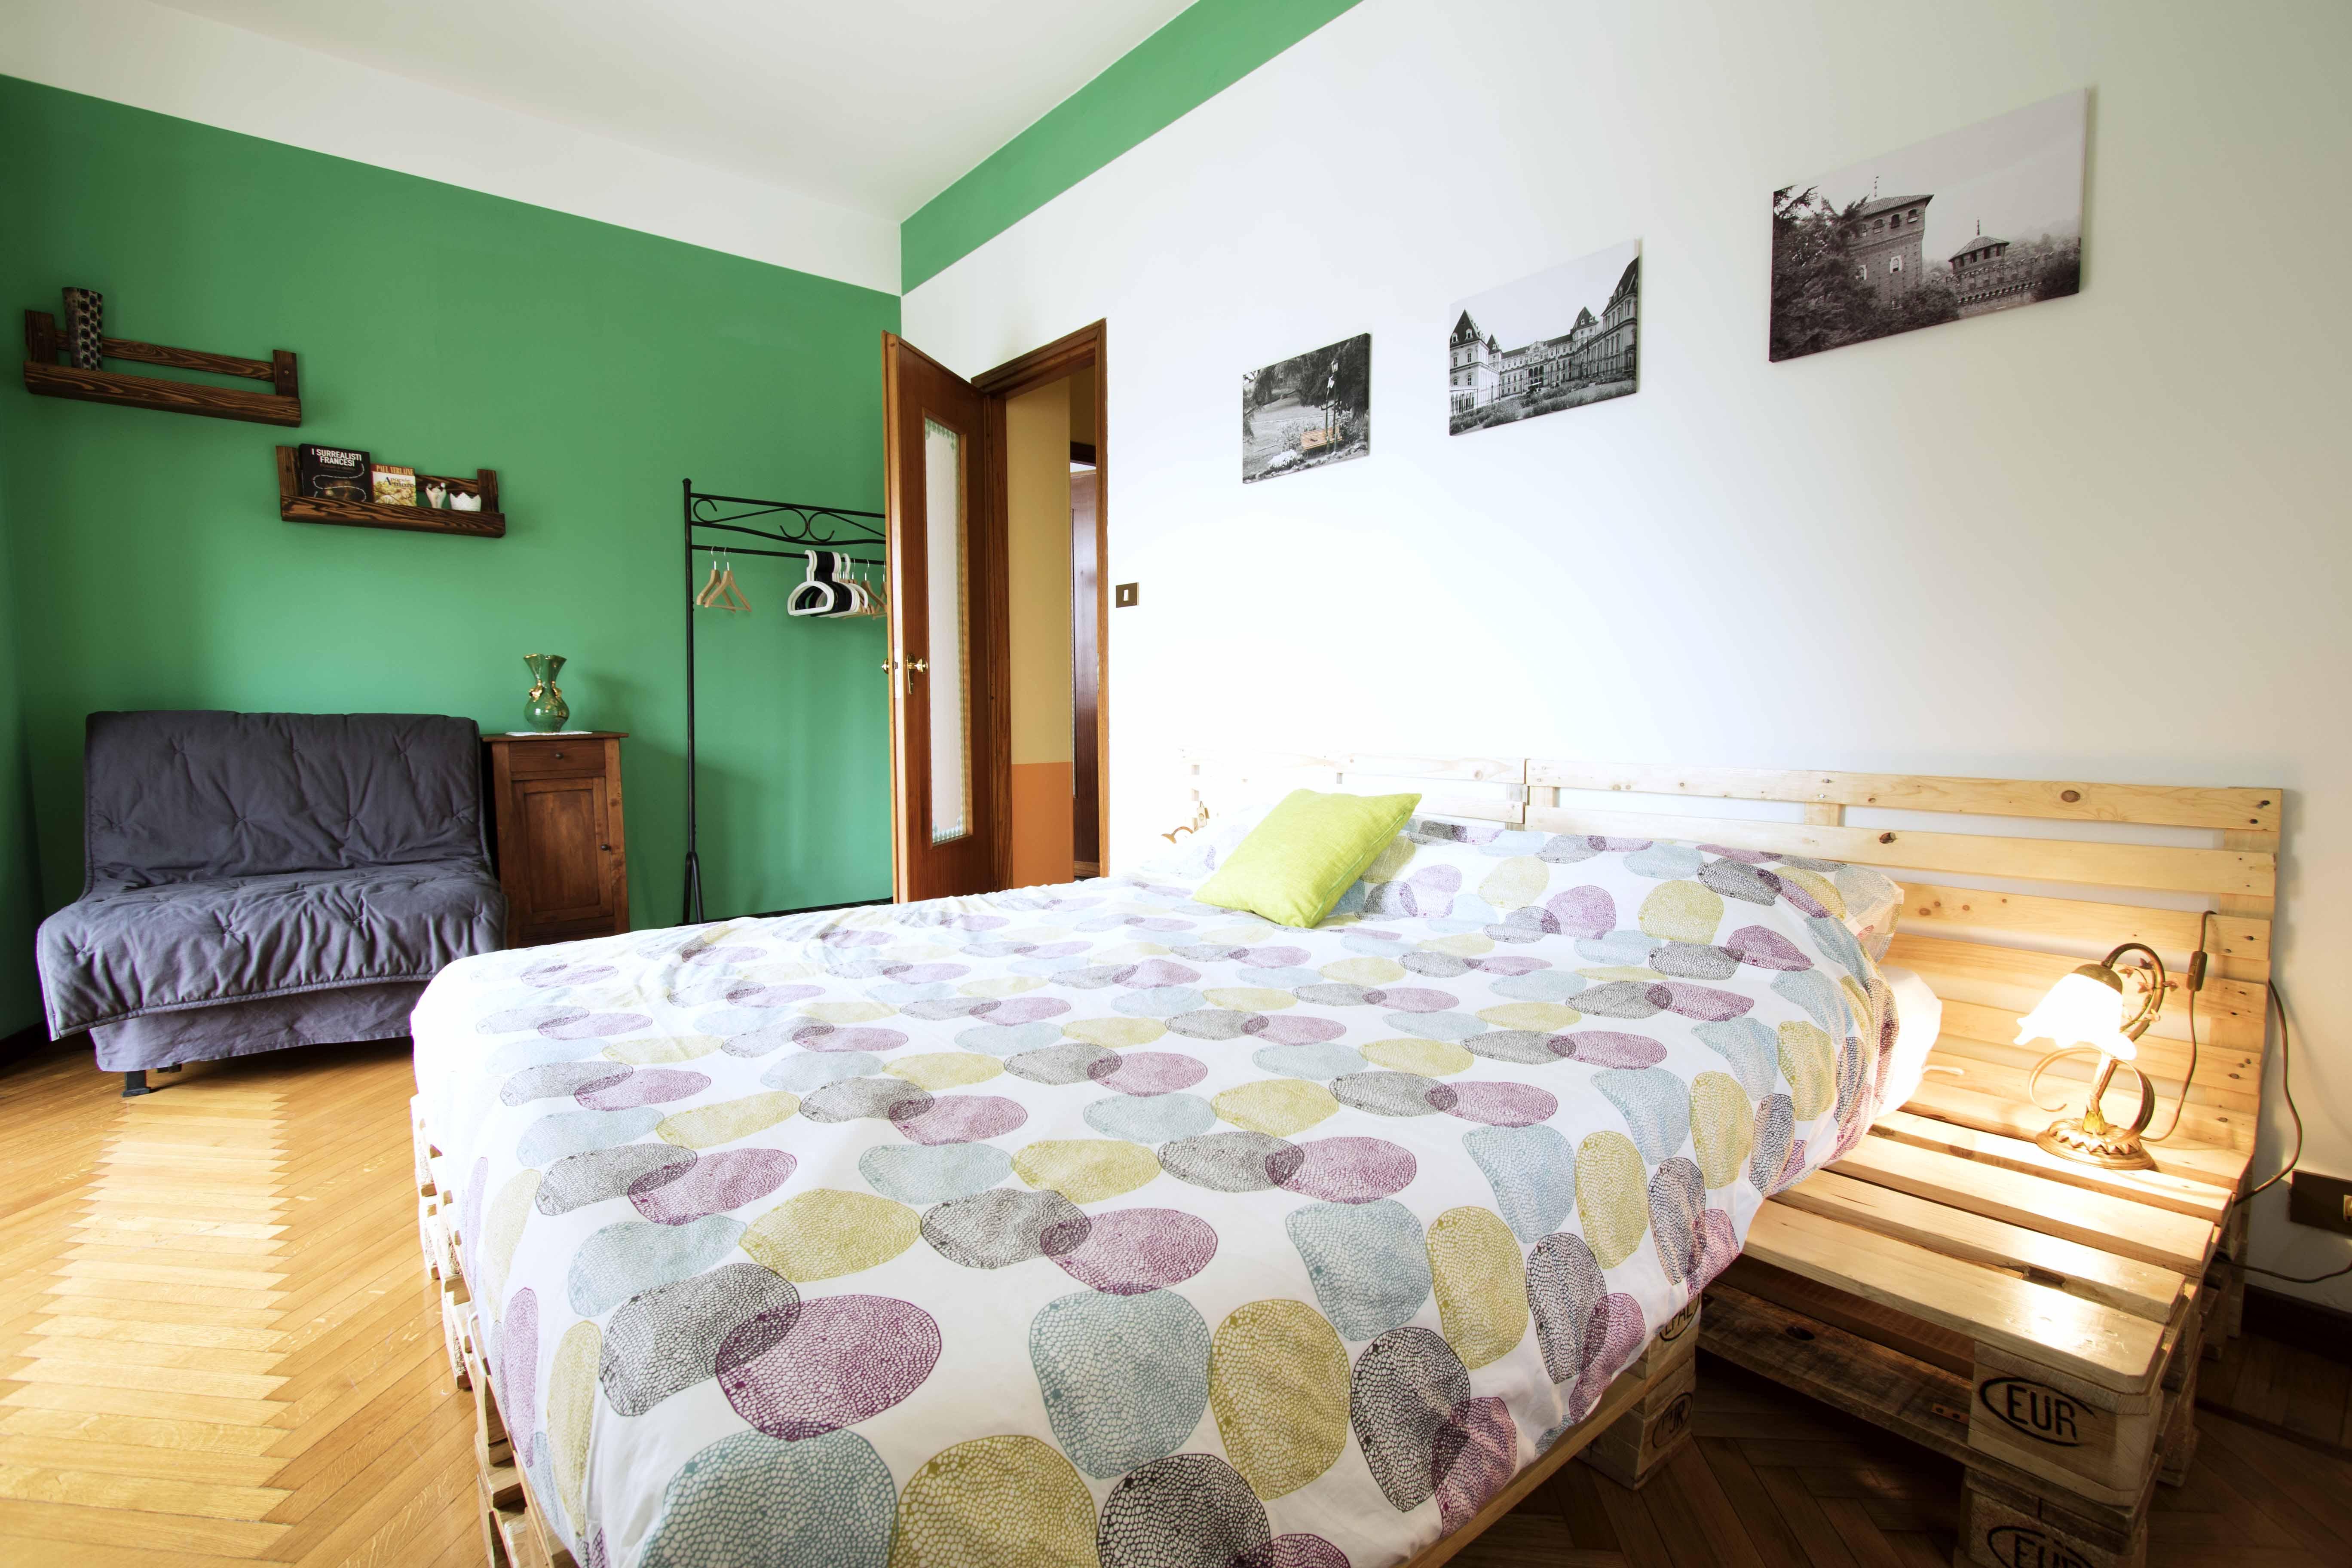 Dettaglio del comodino costruito con pallets, bed & breakfast ecosostenibile Ven Sì, Torino